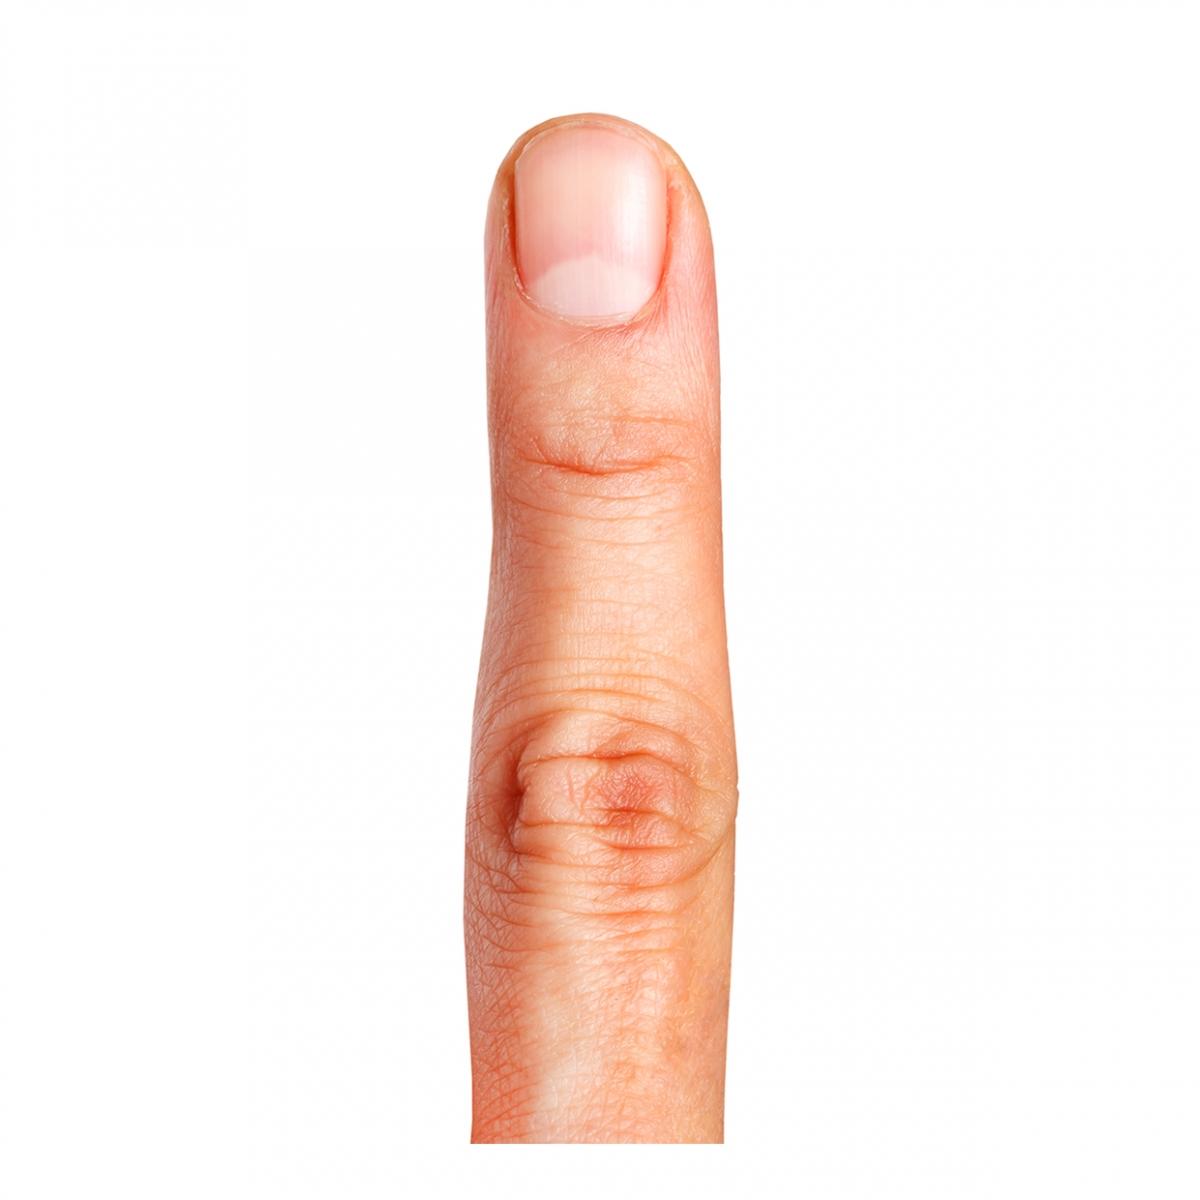 Imagen en la que se ve un dedo